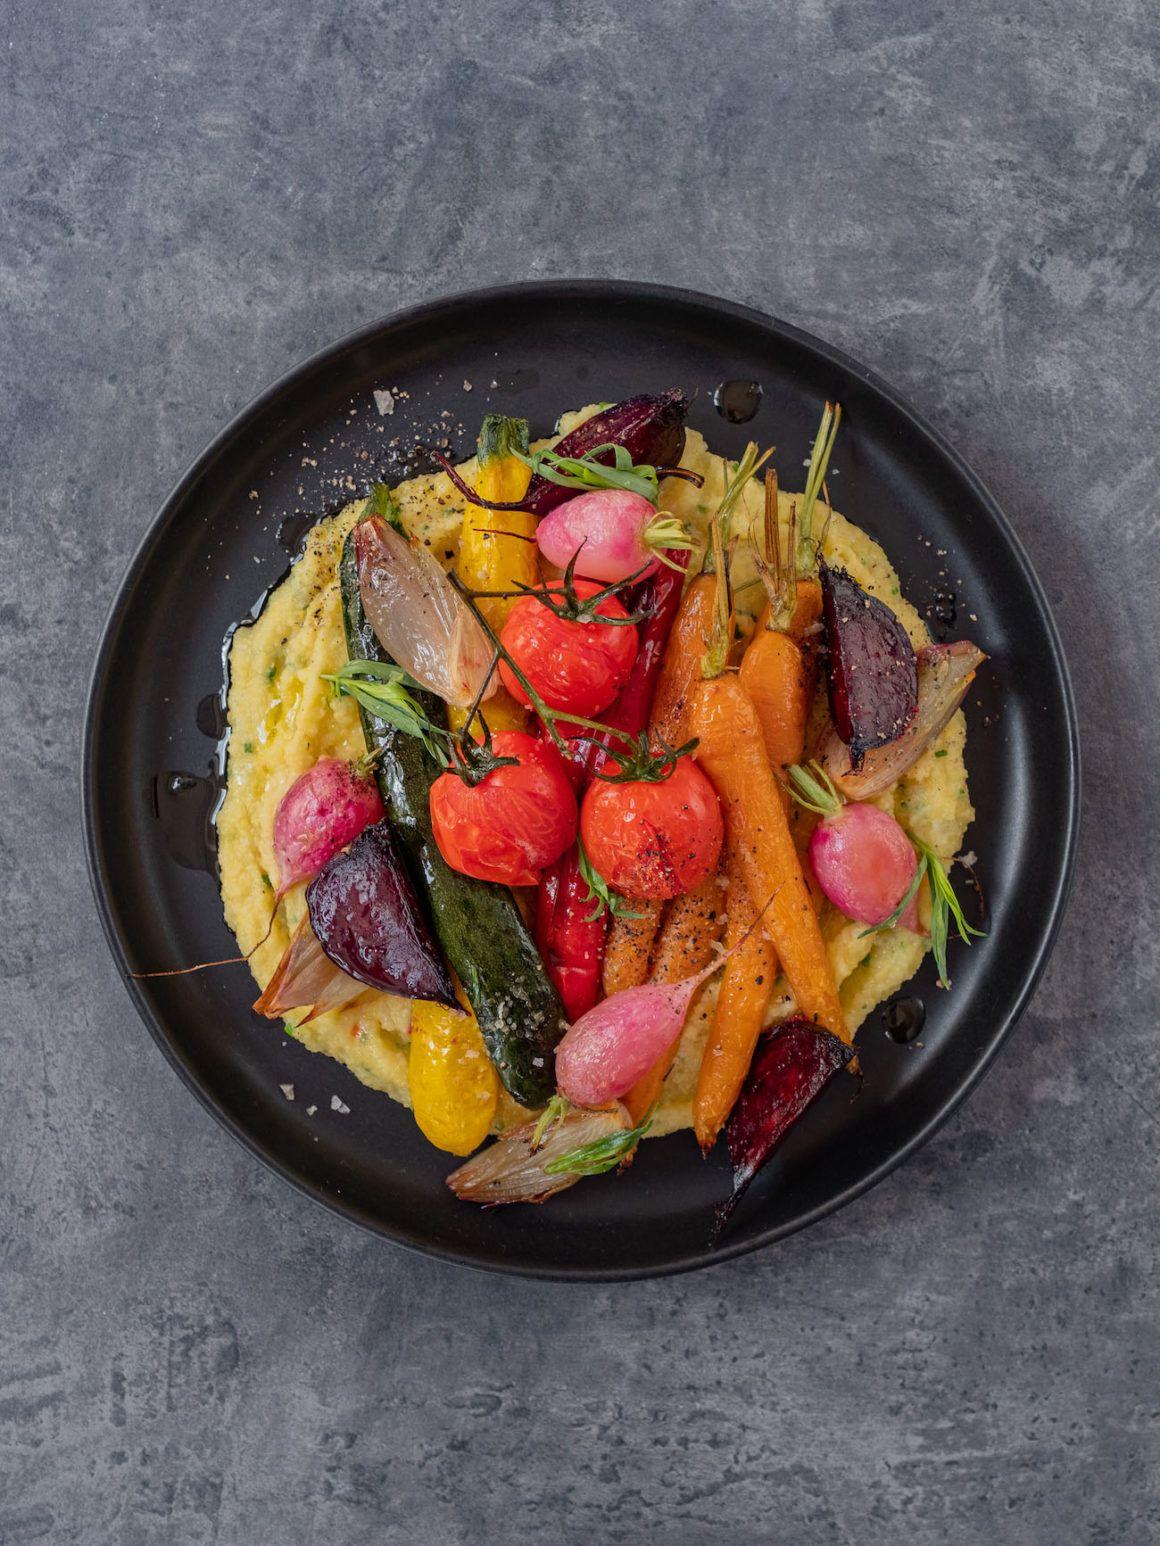 Rezept, Foodblo, About Fuel, Cremige Polenta mit Sommergemüse, Tomaten, Schalotten, Rote Bete, Paprika, Estragon, Karotte